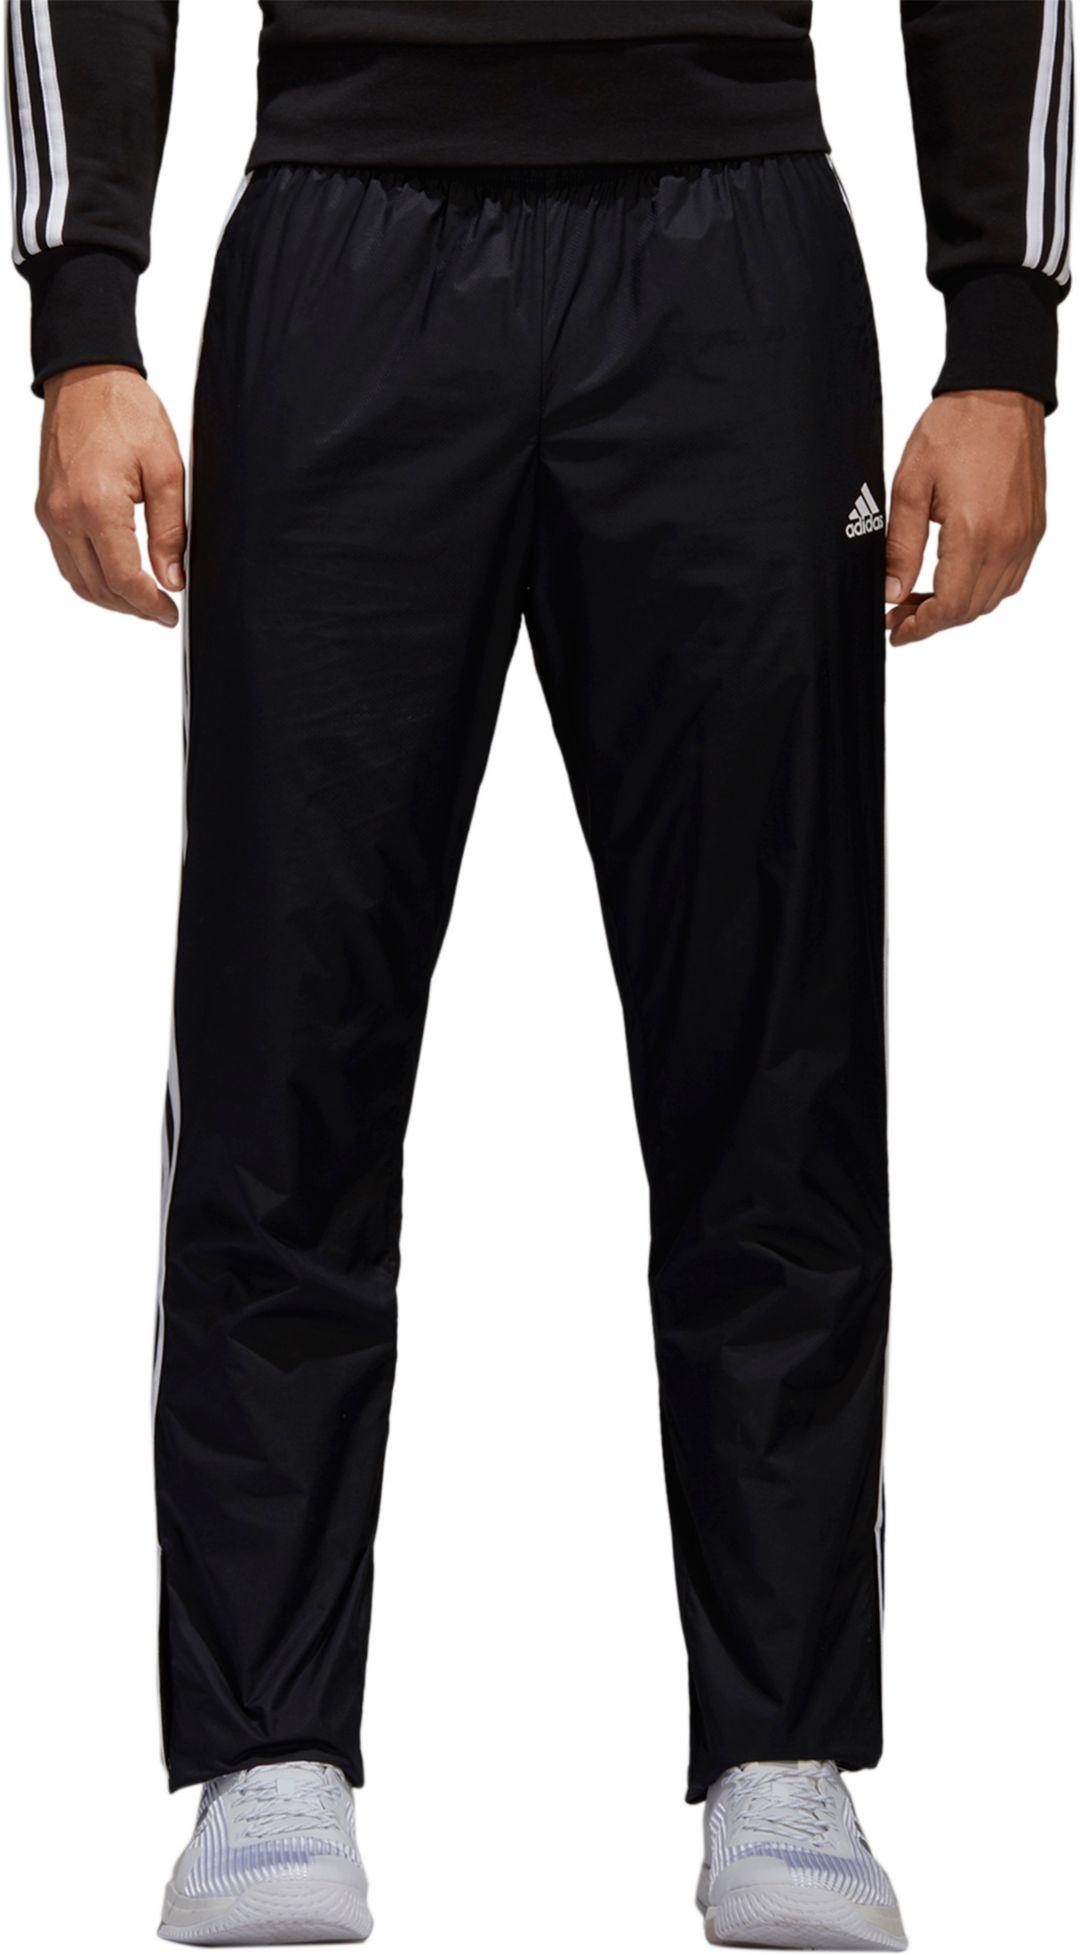 adidas Men's Essentials 3 Stripe Training Pants